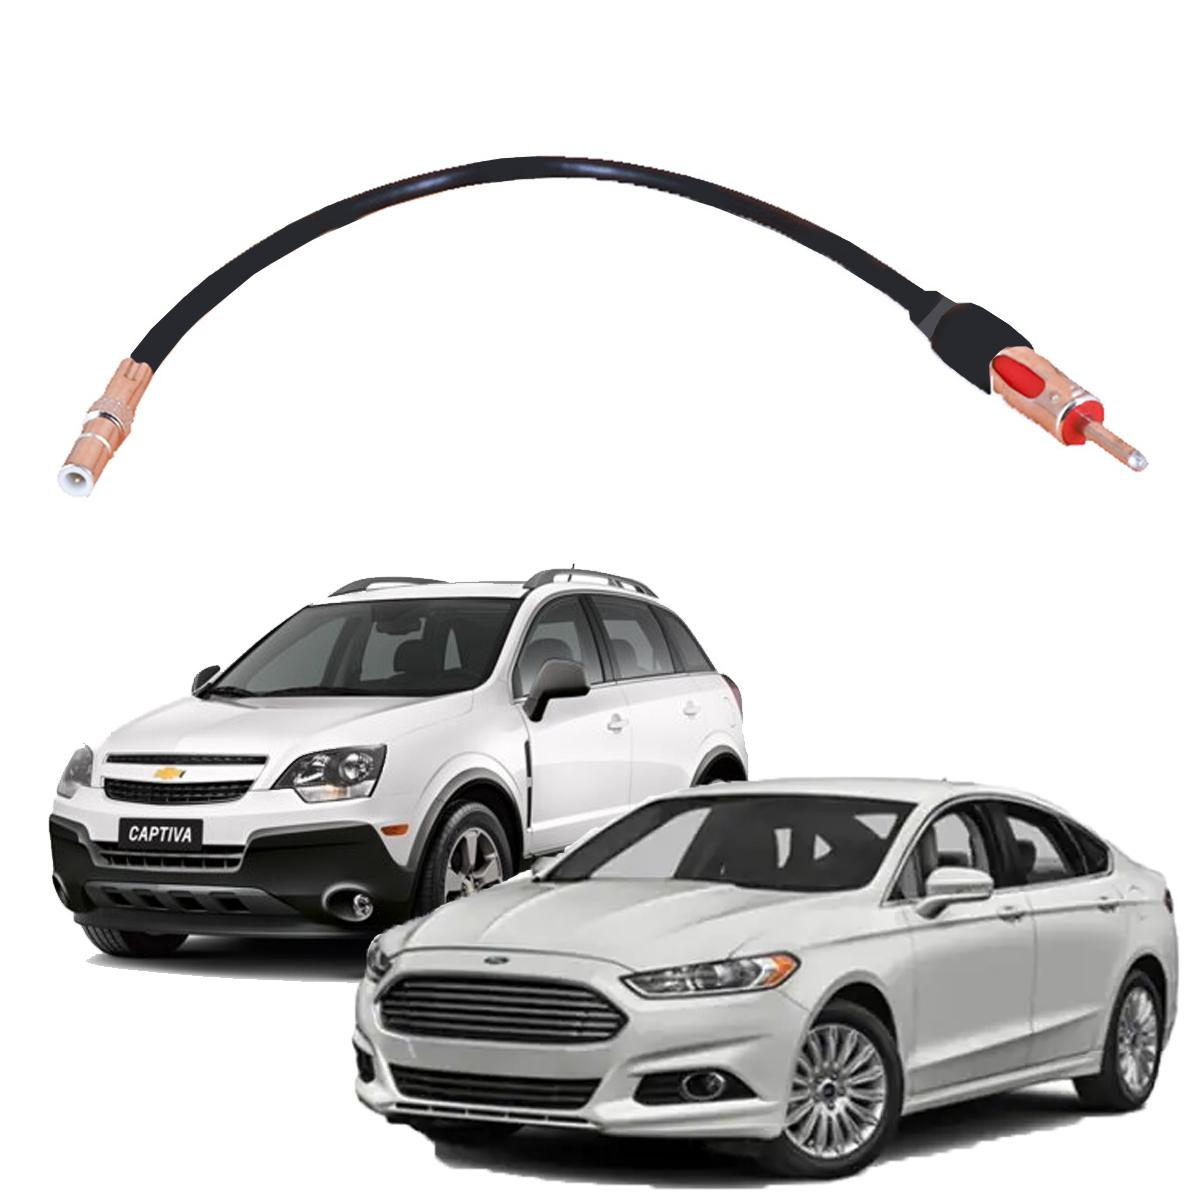 Cabo Antena Plug Adaptador Radio Ford Fusion/ Gm/ Capitiva